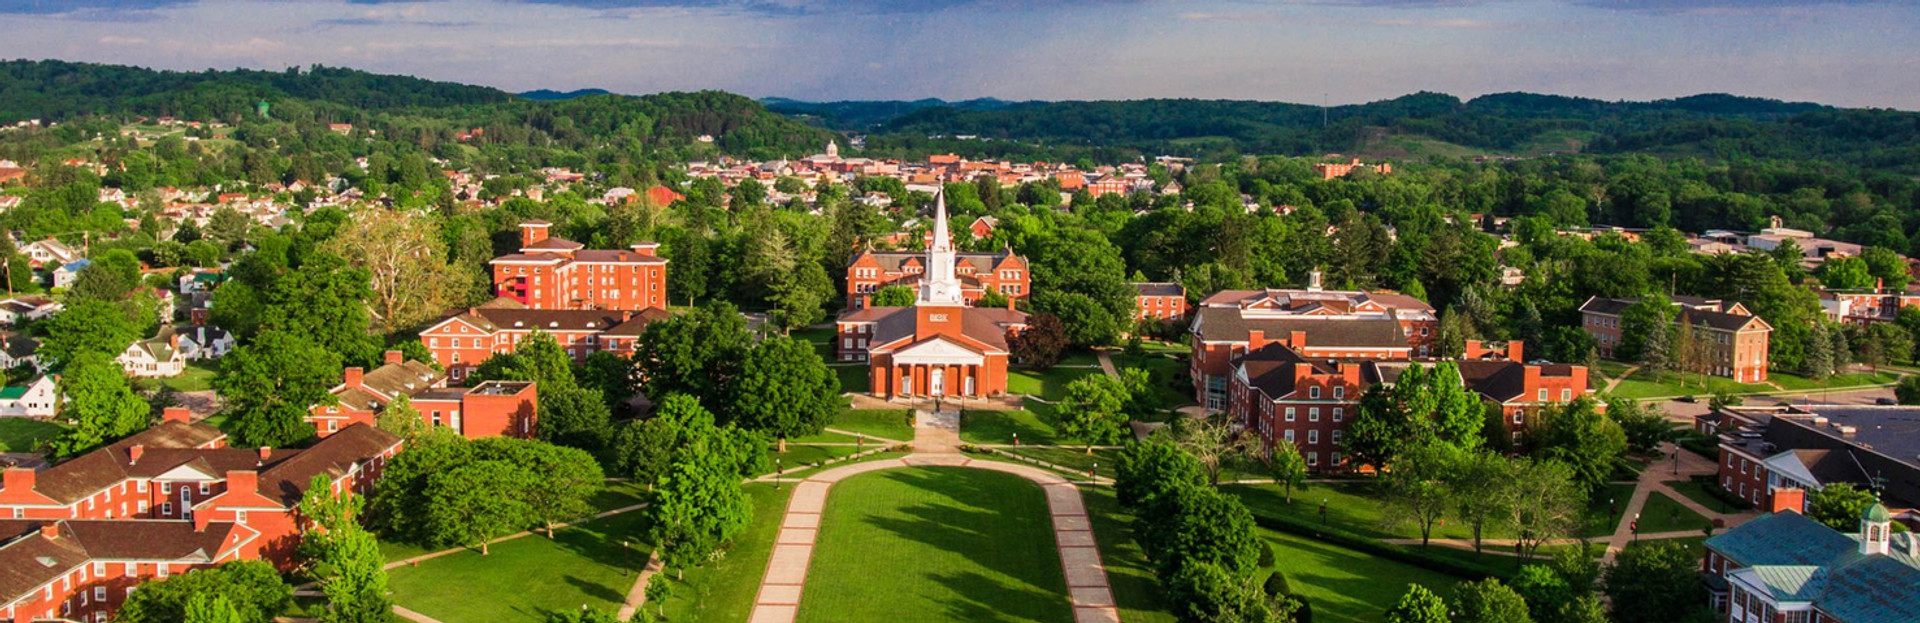 Kappa Zeta - West Virginia Wesleyan College